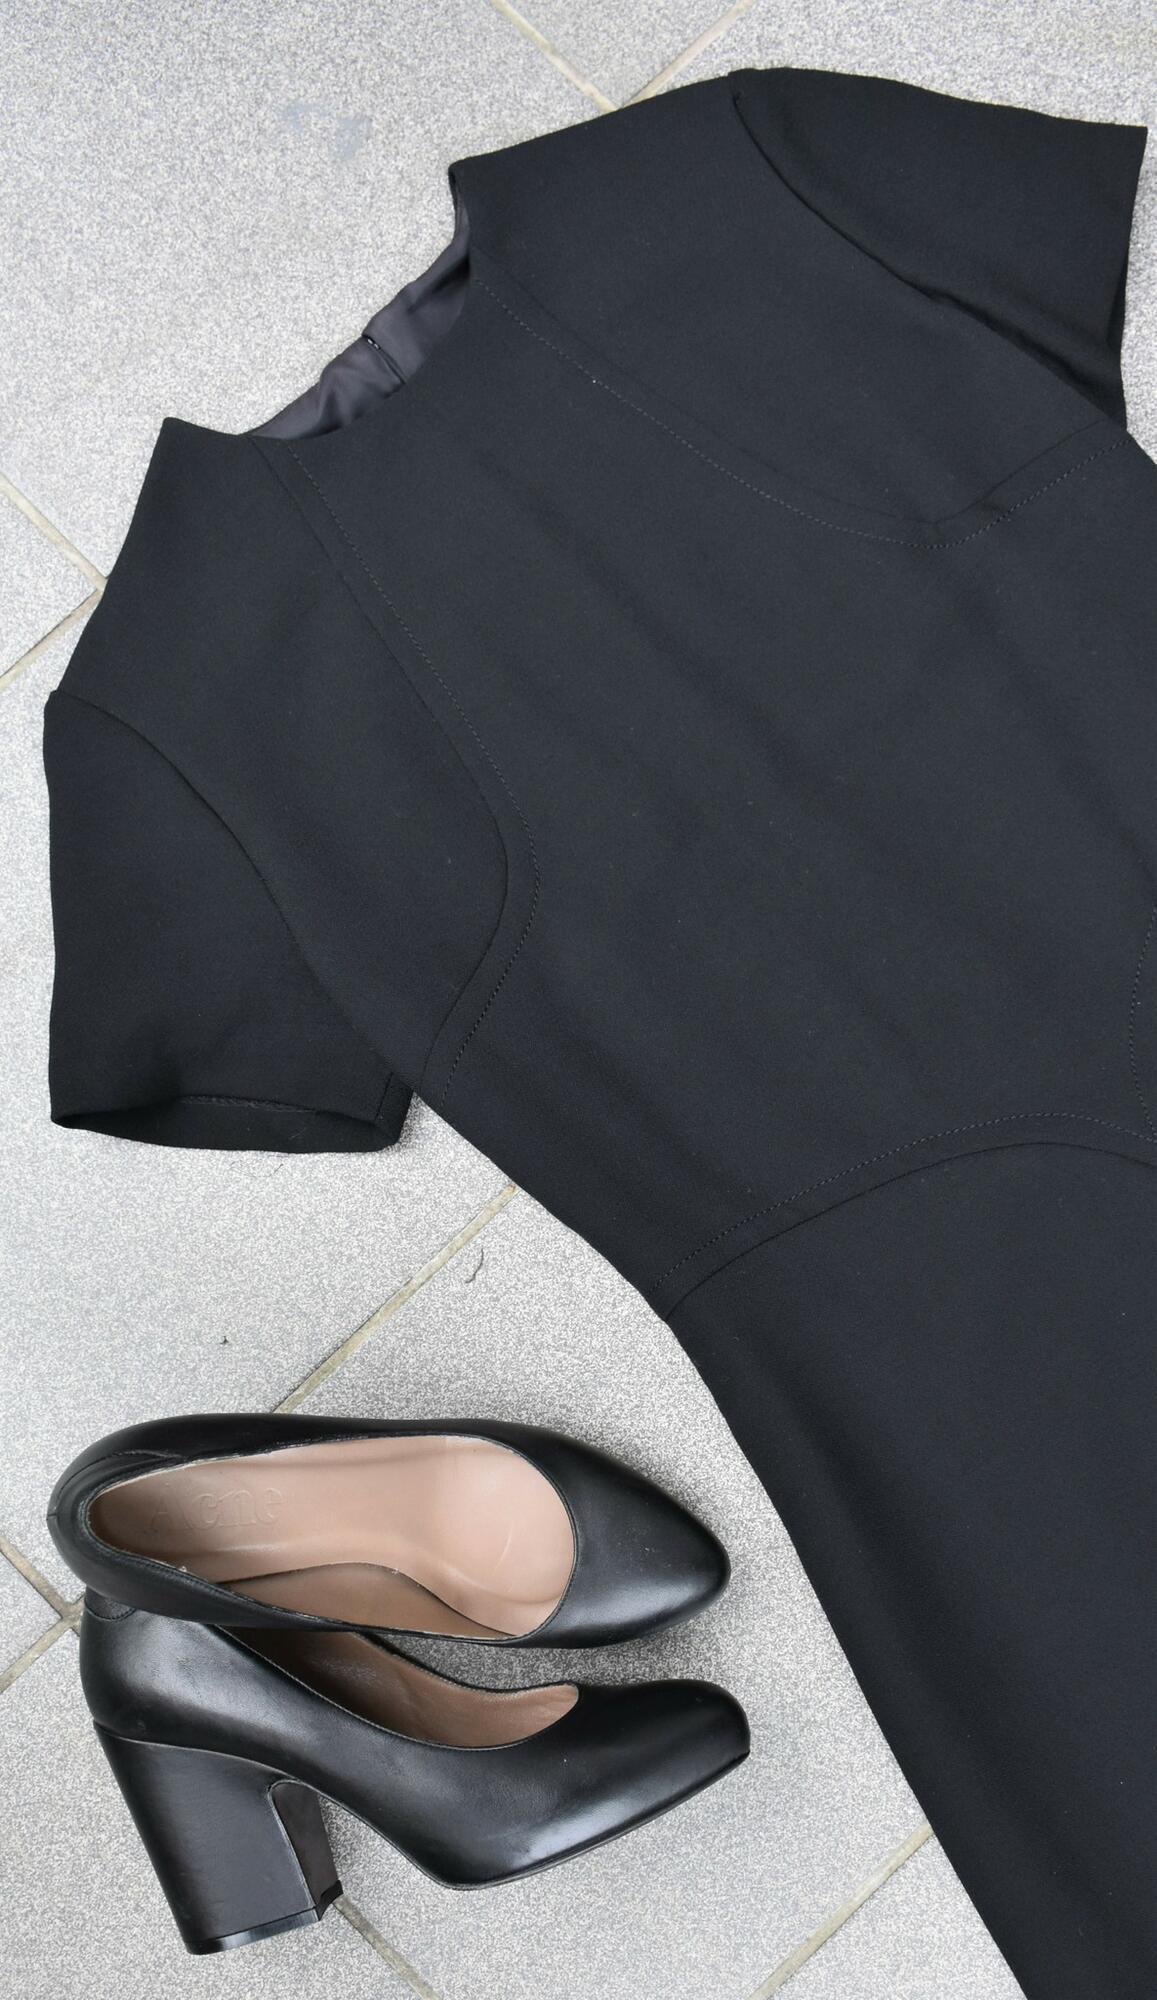 Minimalistyczna wełniana sukienka - PONOŚ SE vintage shop | JestemSlow.pl